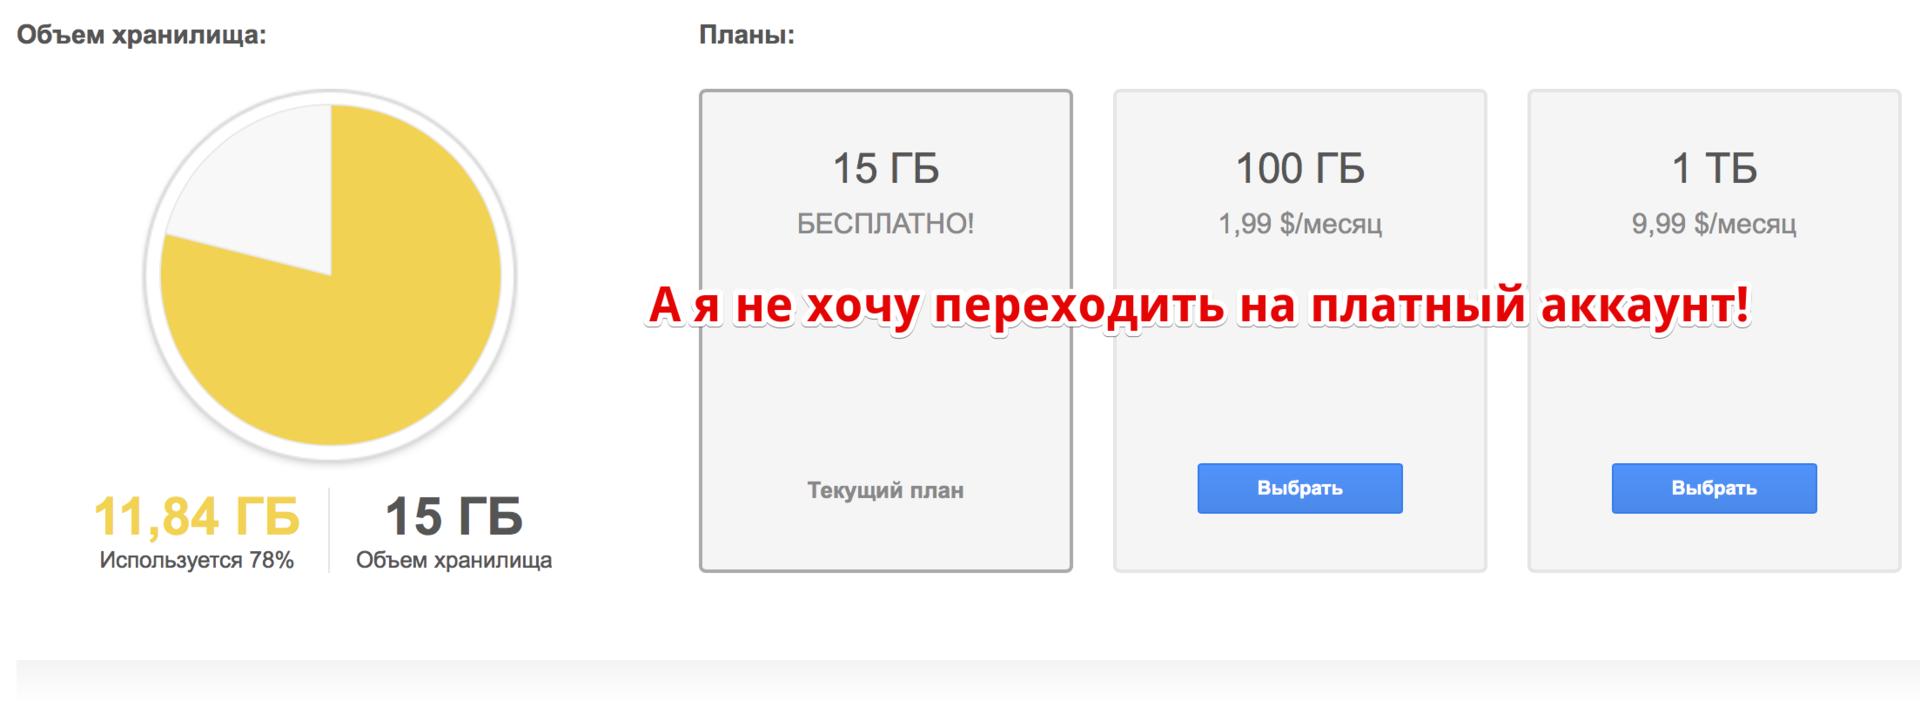 Google, куда ты дел моё место в GMail? А вы точно знаете, как в GMail работают ярлыки?